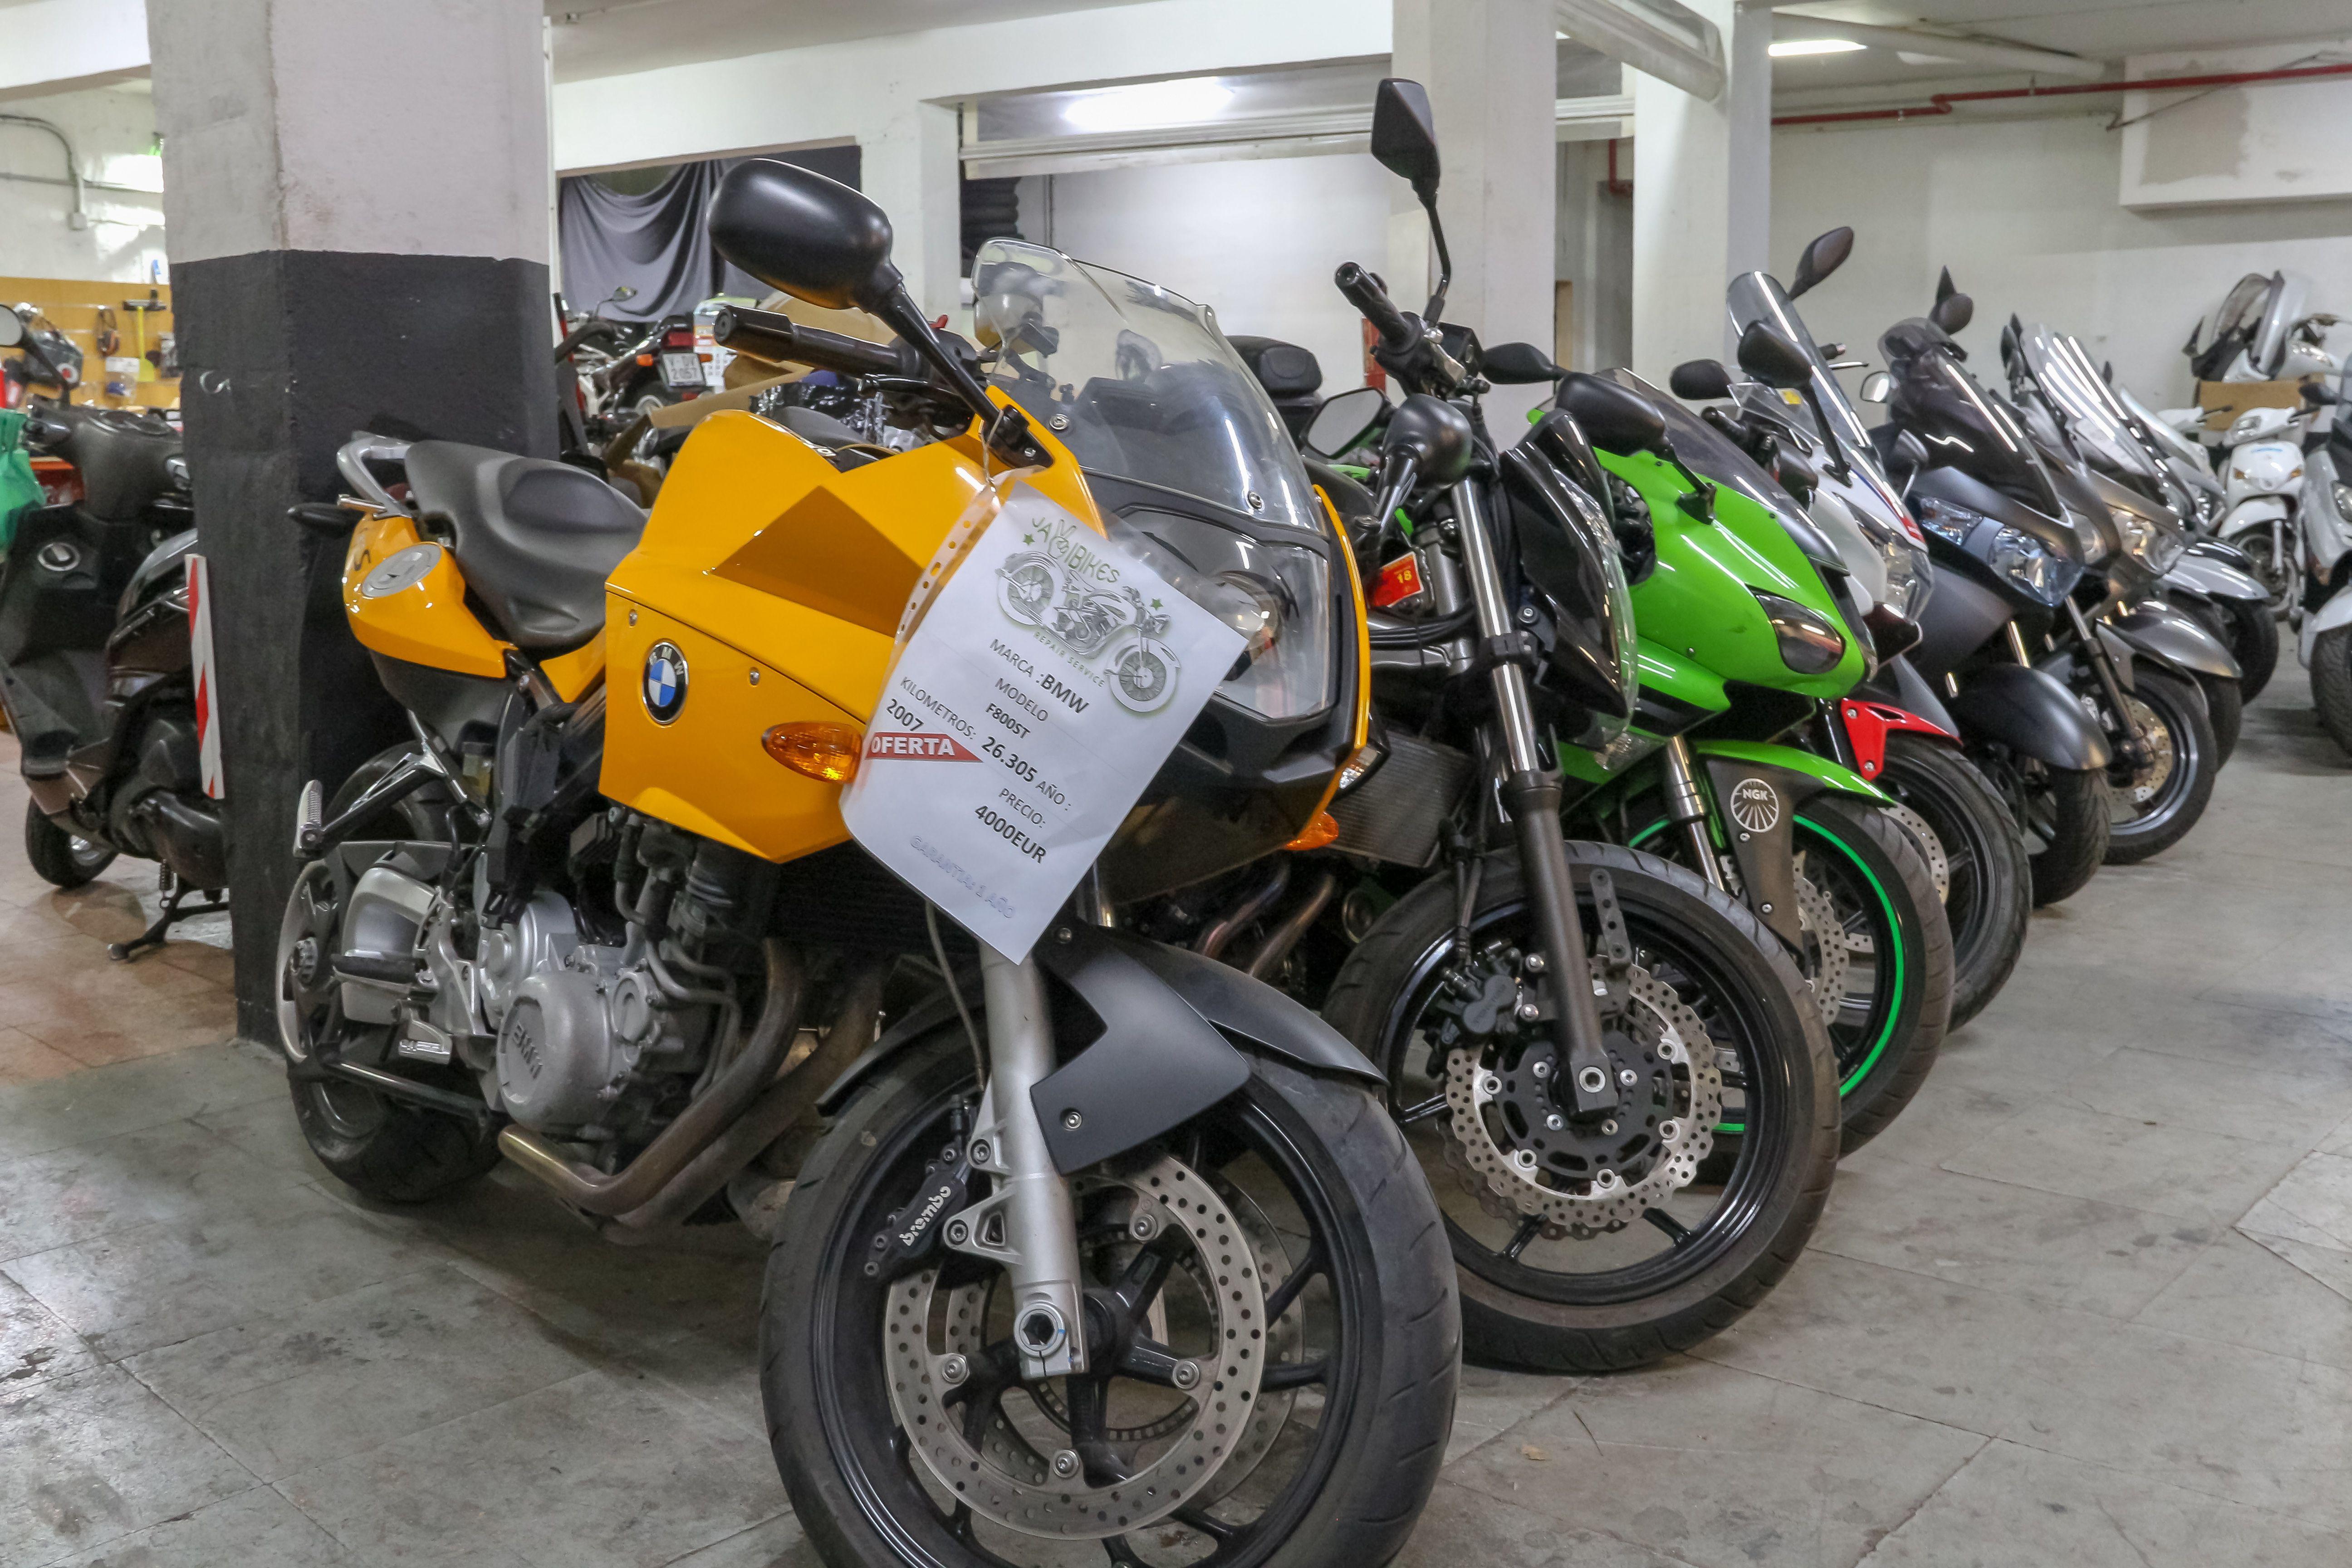 Reparación de motos en Nuevos Ministerios, Madrid